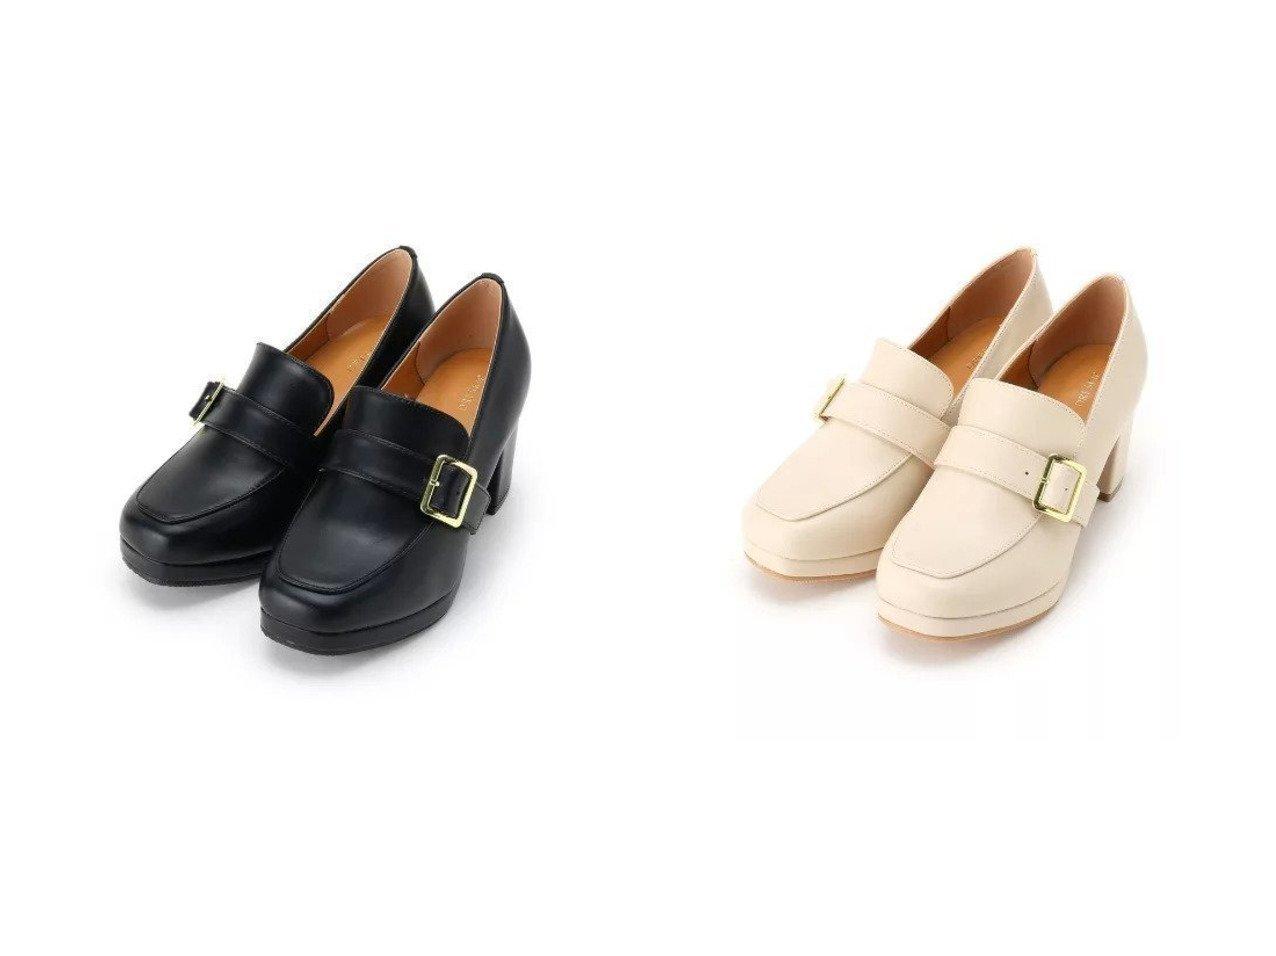 【SHOO LA RUE / DRESKIP/シューラルー ドレスキップ】のストームローファー 【シューズ・靴】おすすめ!人気、トレンド・レディースファッションの通販  | レディースファッション・服の通販 founy(ファニー)